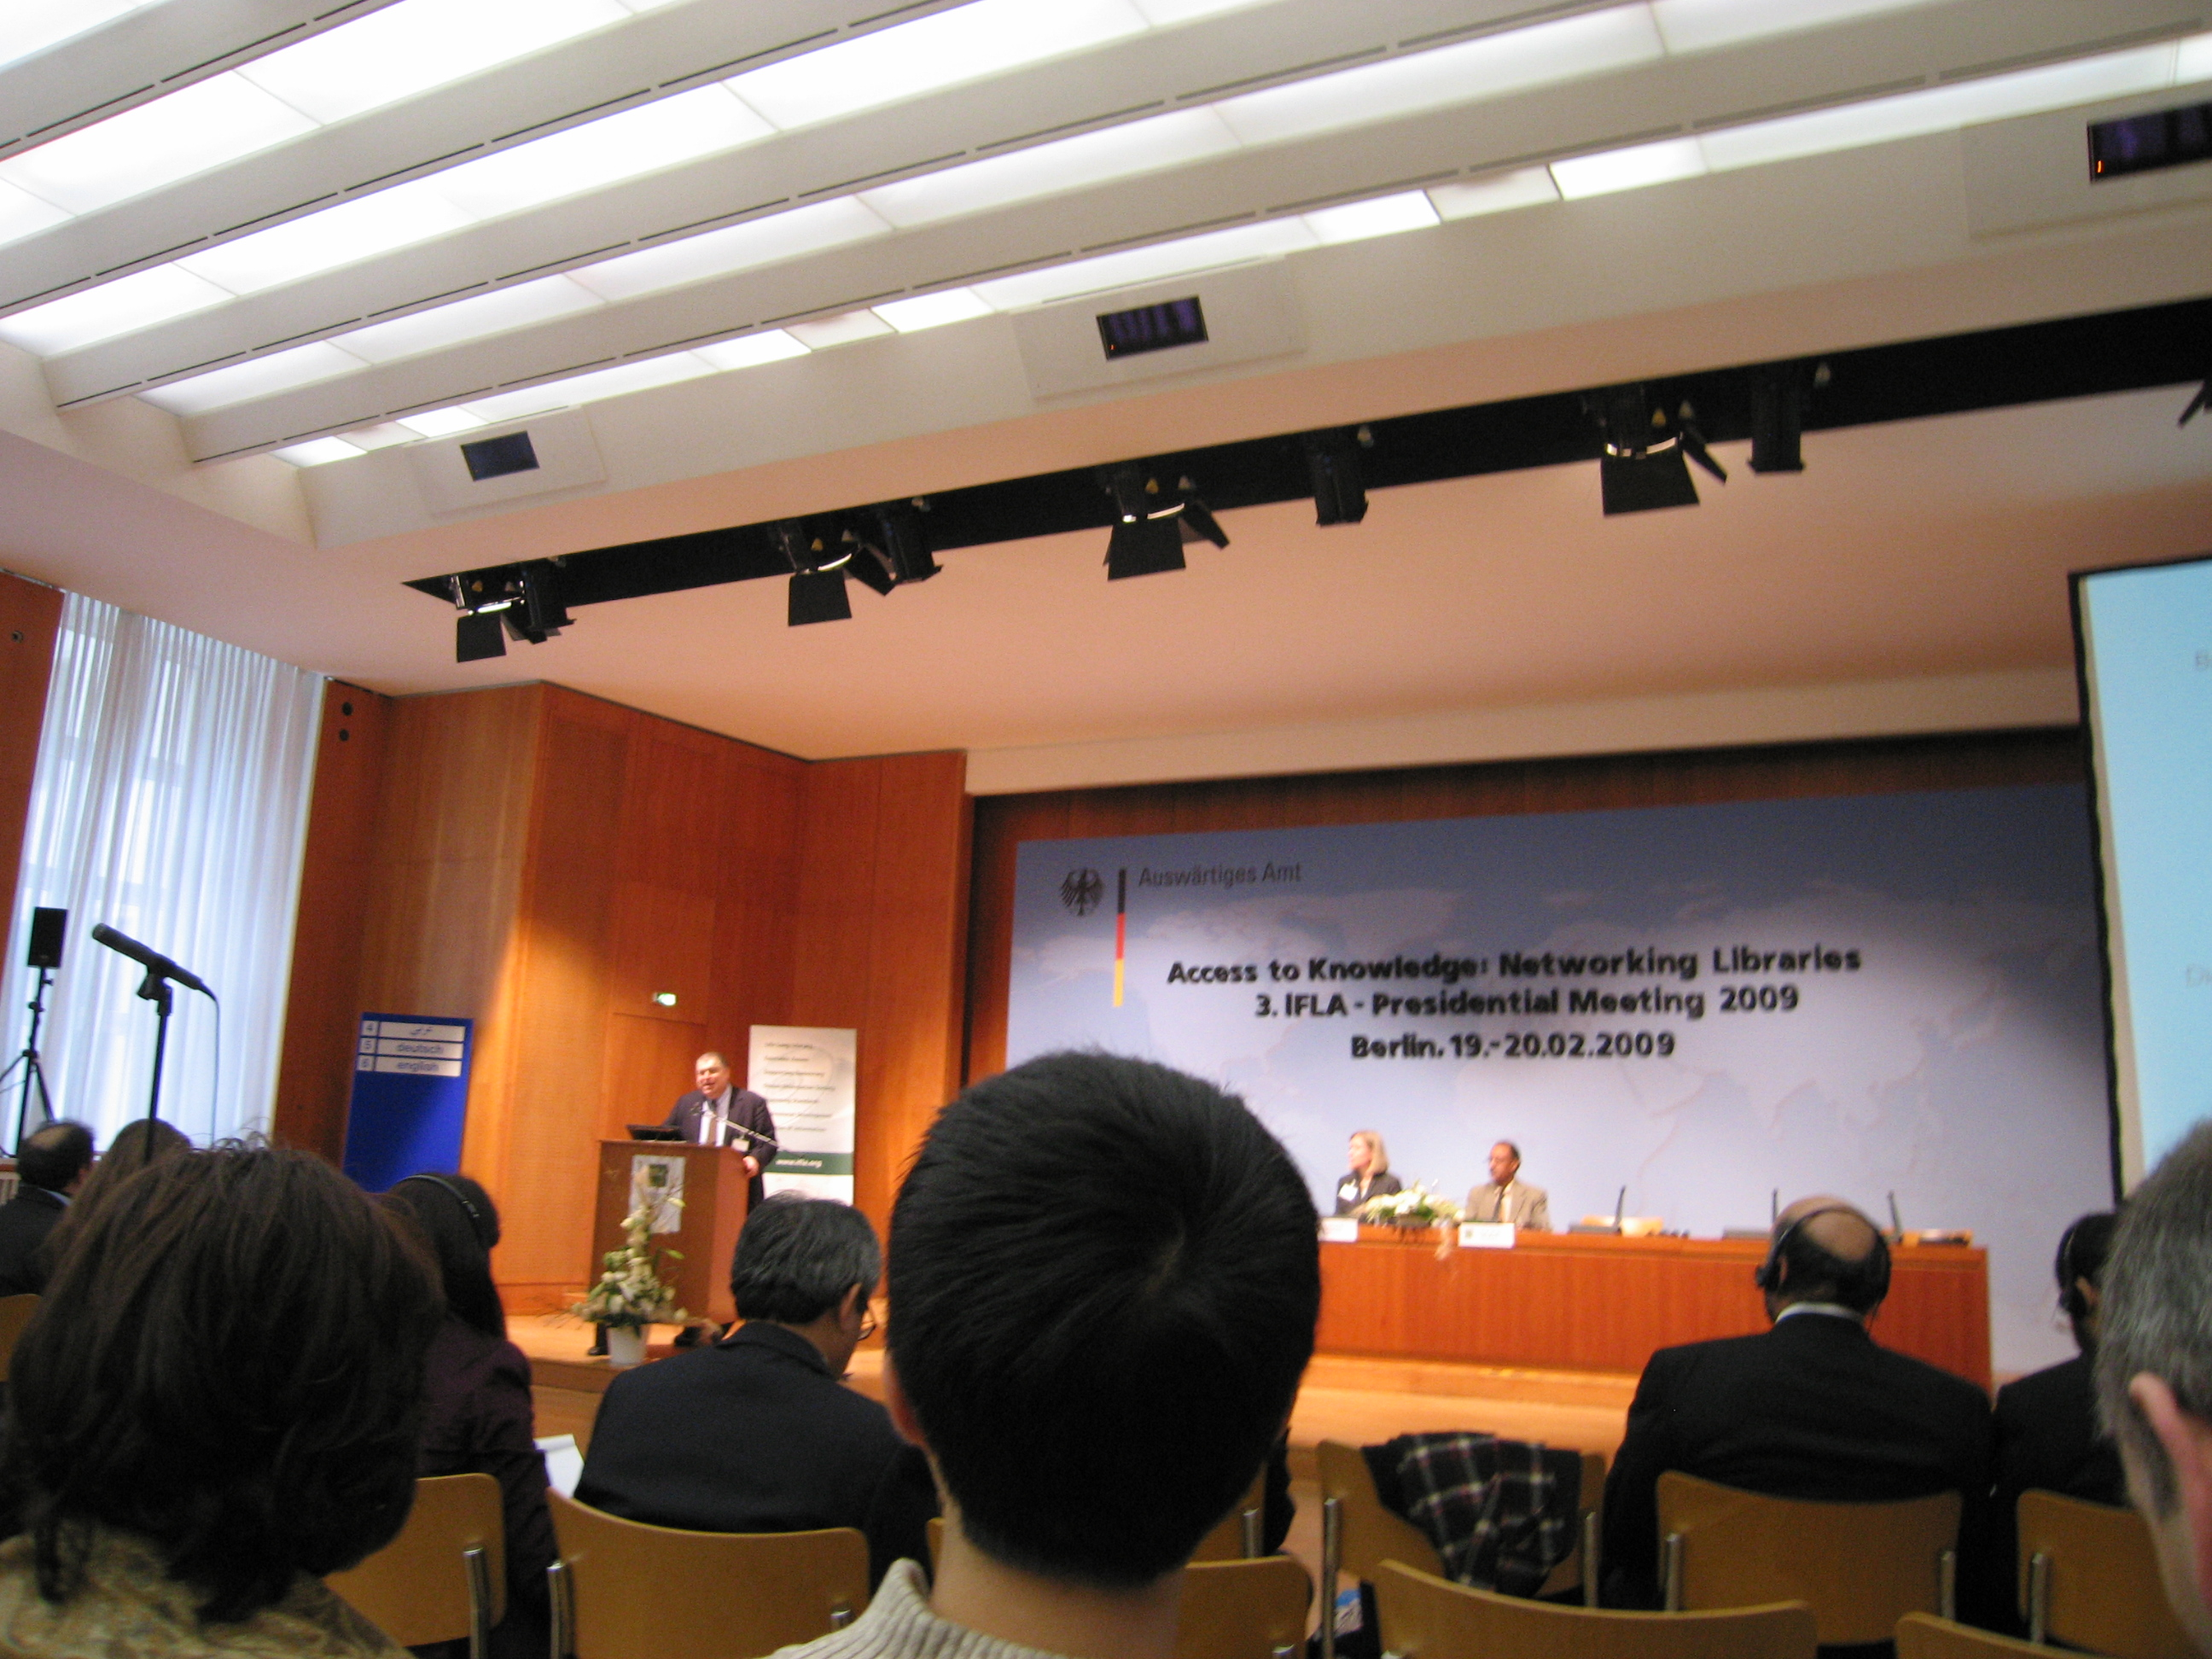 3. IFLA-Presidential-Meeting in Berlin